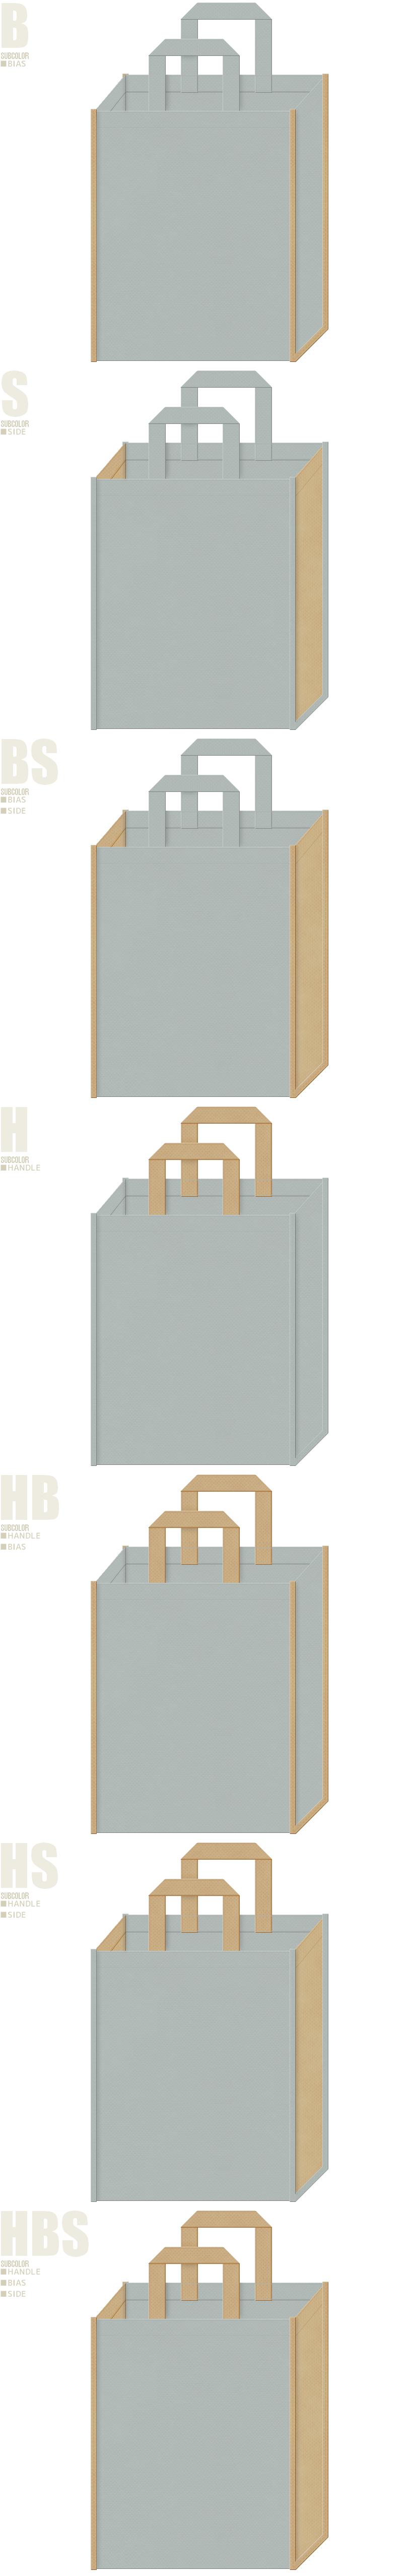 ニット・セーター・アウター・レギンス・秋冬ファッションの展示会用バッグにお奨めの不織布バッグデザイン:グレー色とカーキ色の配色7パターン